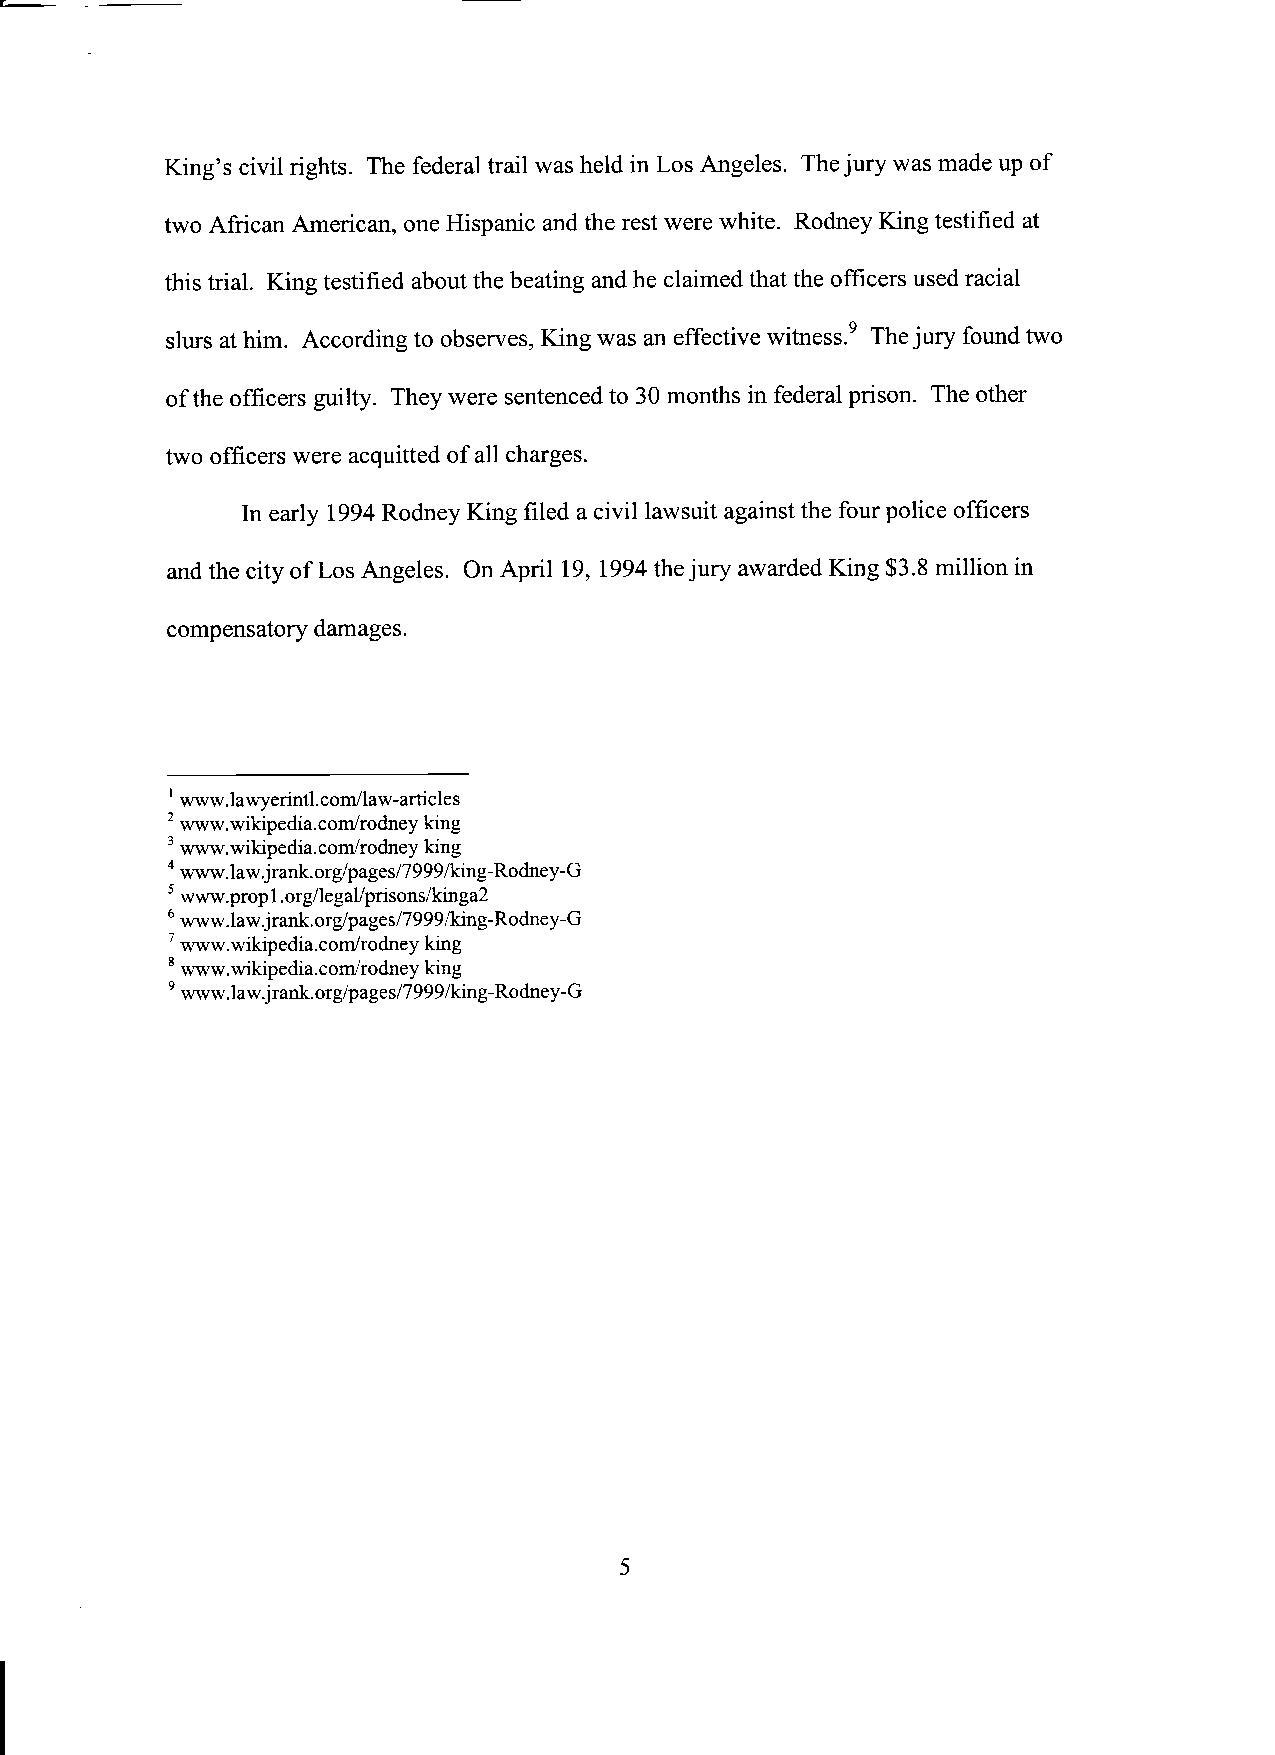 resume for criminal justice internship sample customer service resume for criminal justice internship emergency response protocol criminal justice internship criminal justice essays mike gianass